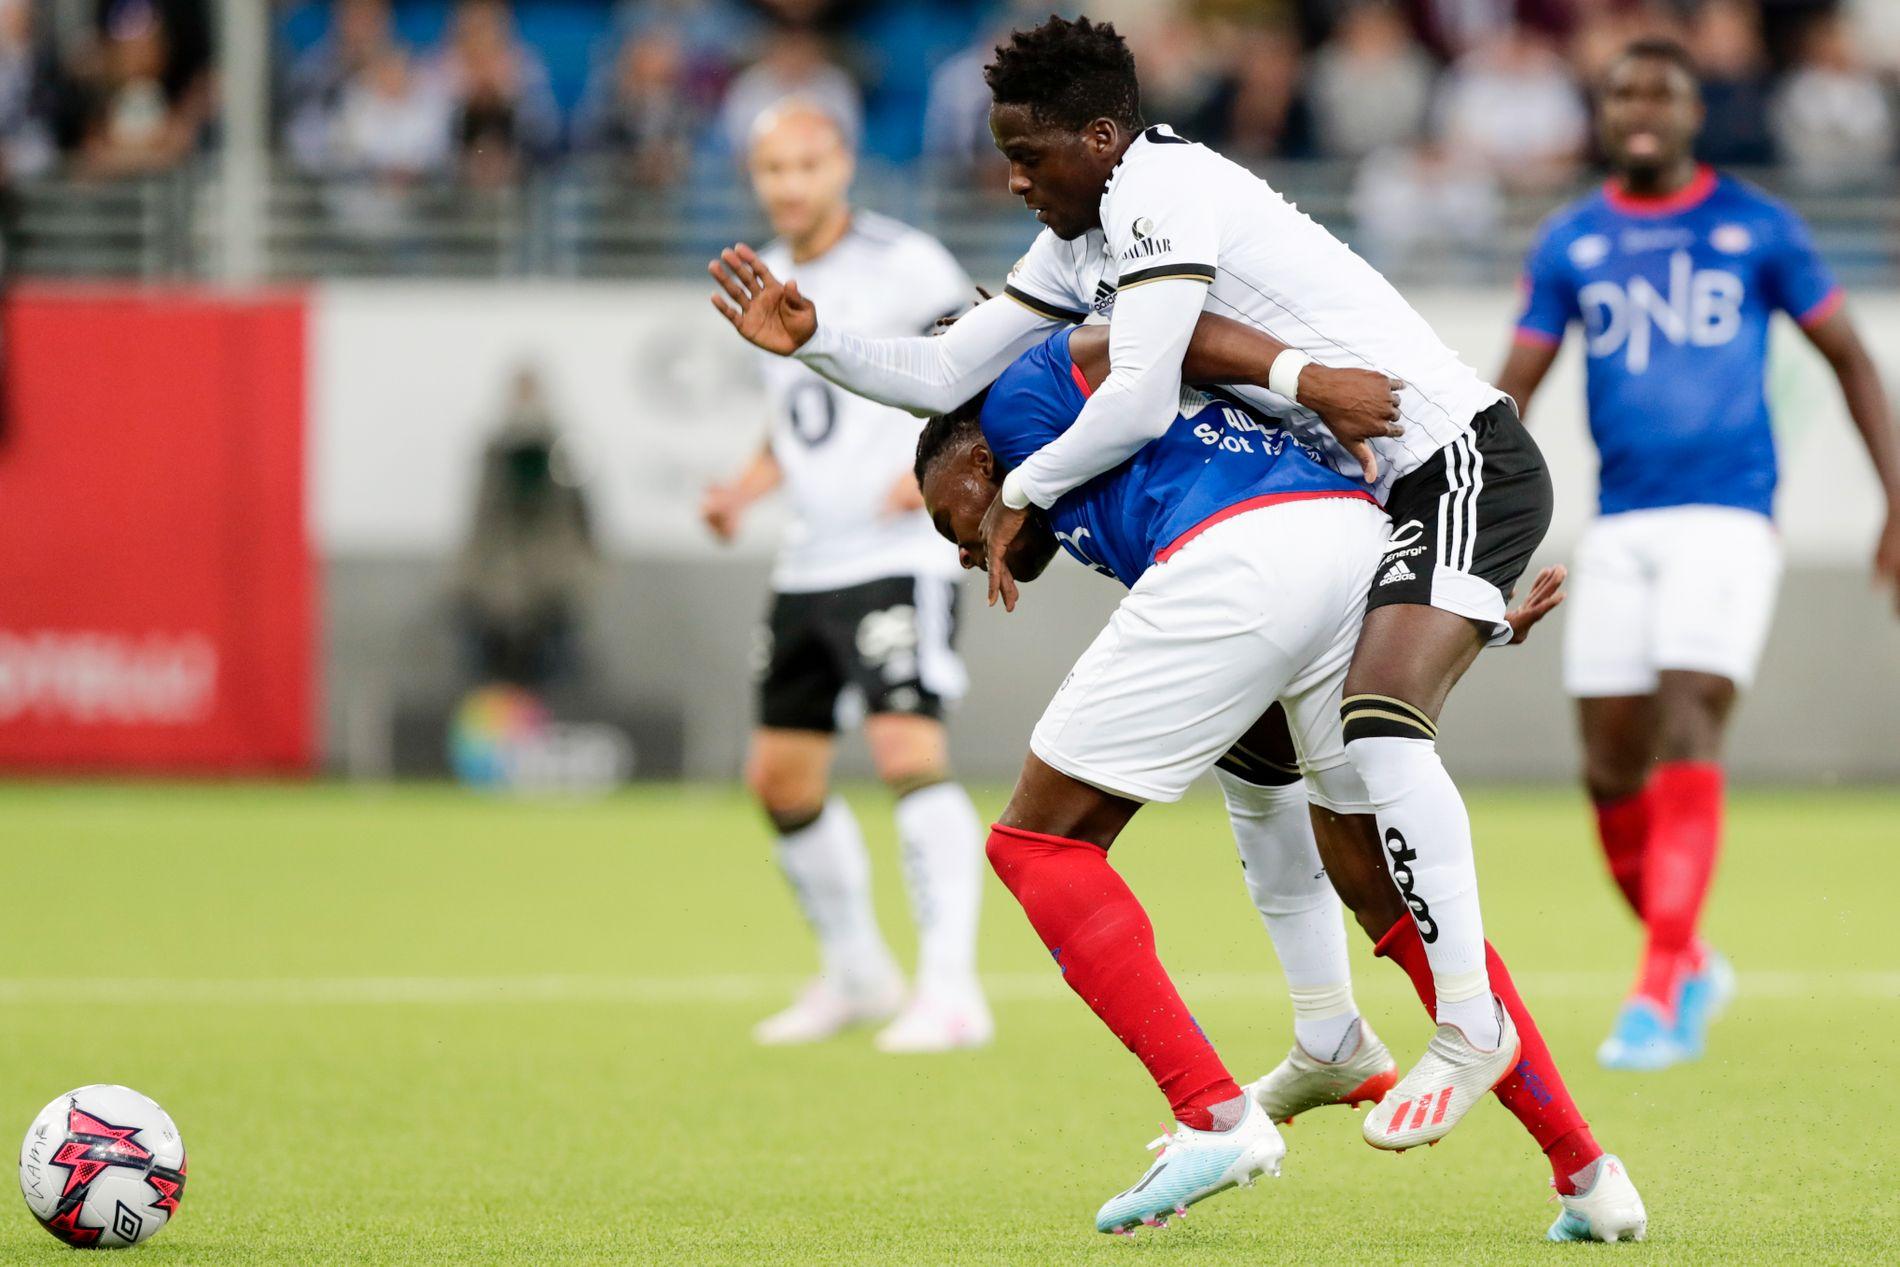 Vålerengas Sam Adekugbe og Rosenborg David Akintola var i flere tøffe dueller.